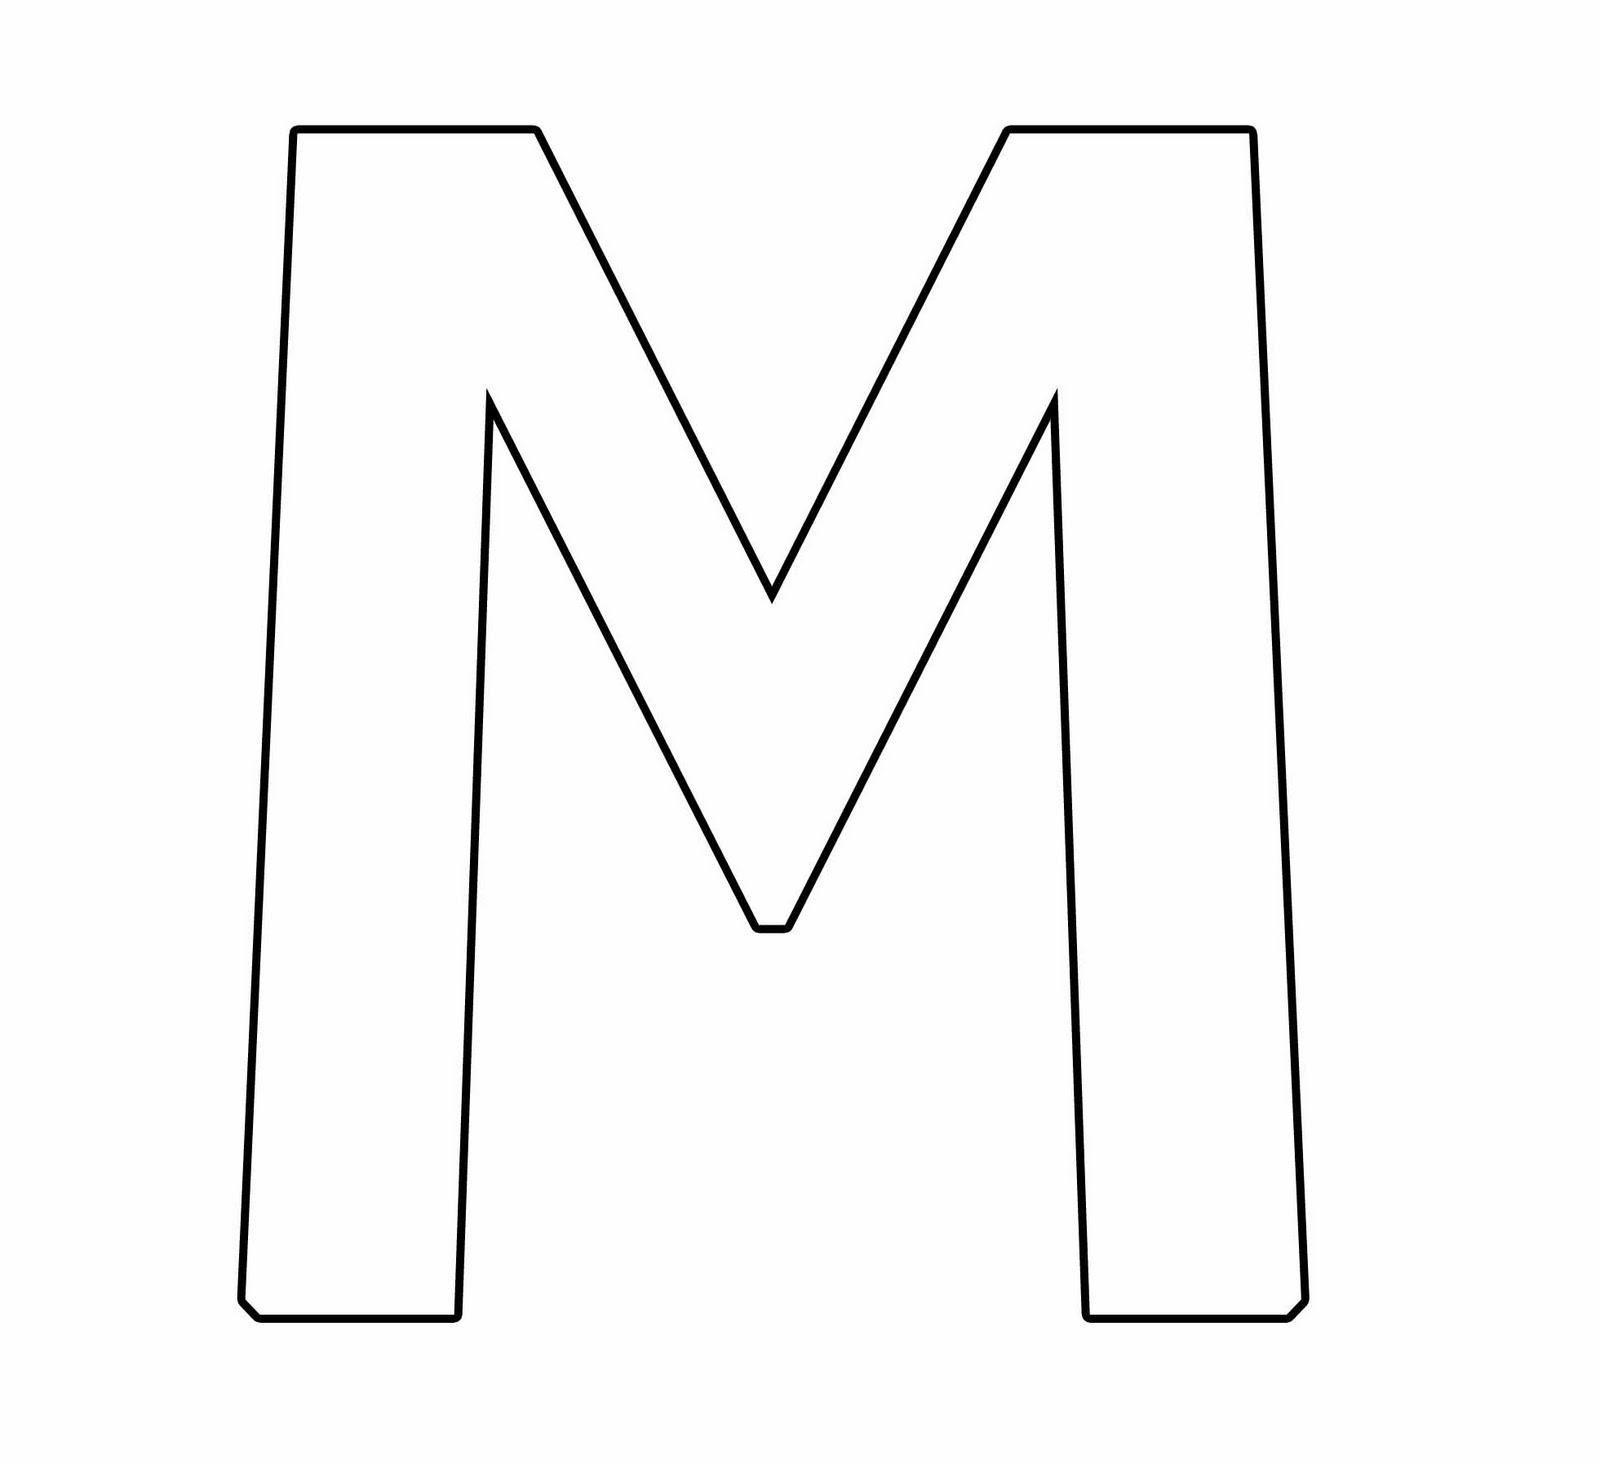 Informatika: Letras para colorear - 72.7KB